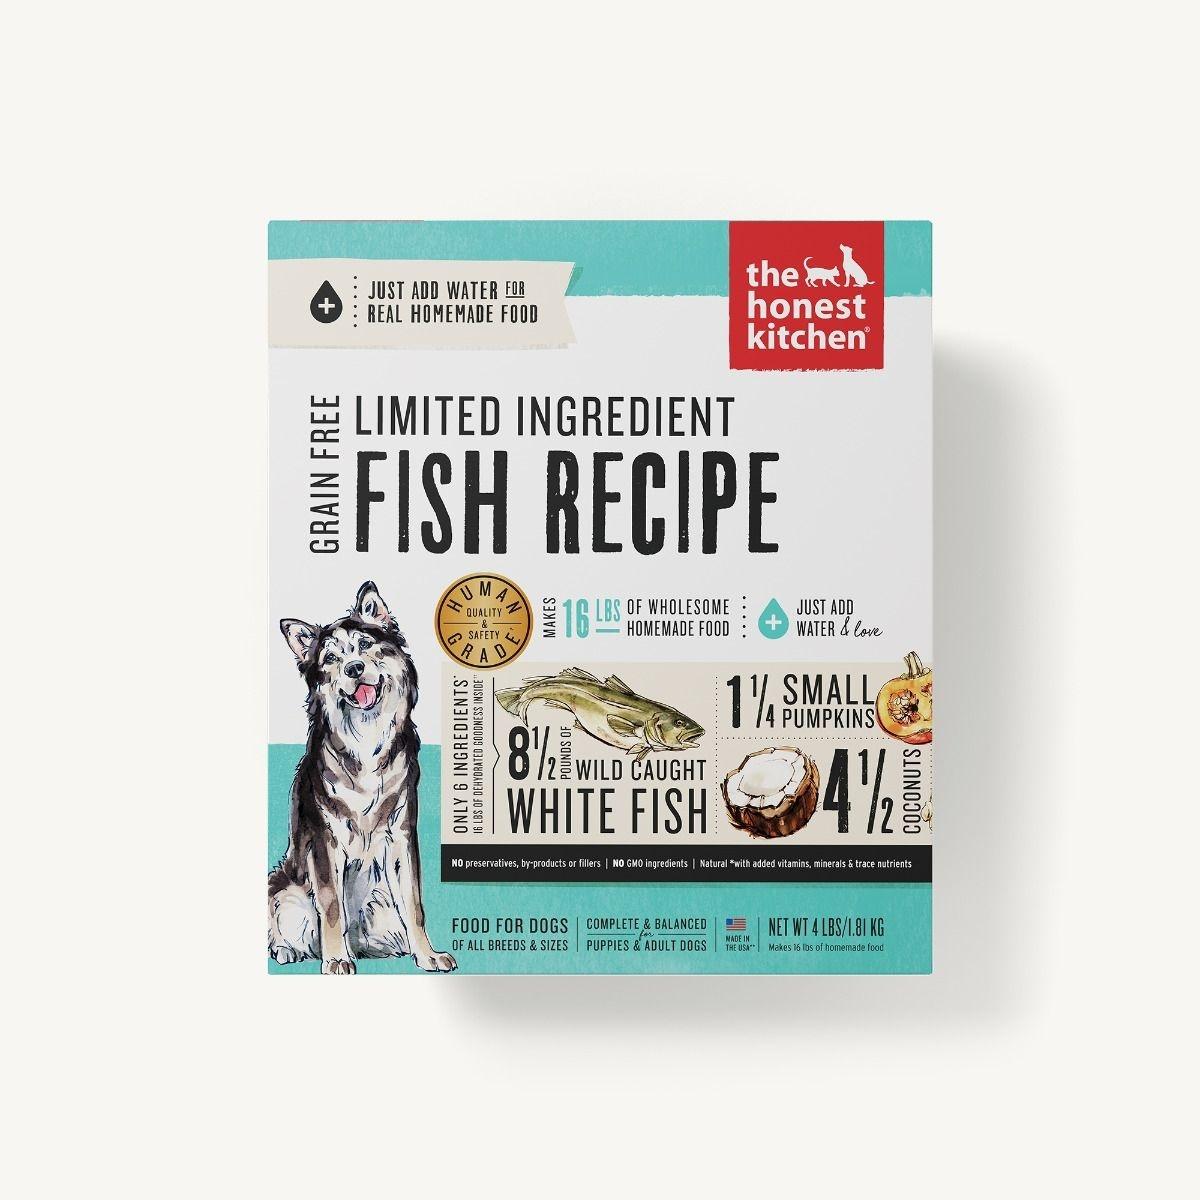 The Honest Kitchen Honest Kitchen Dehydrated Limited Ingredient Fish Recipe